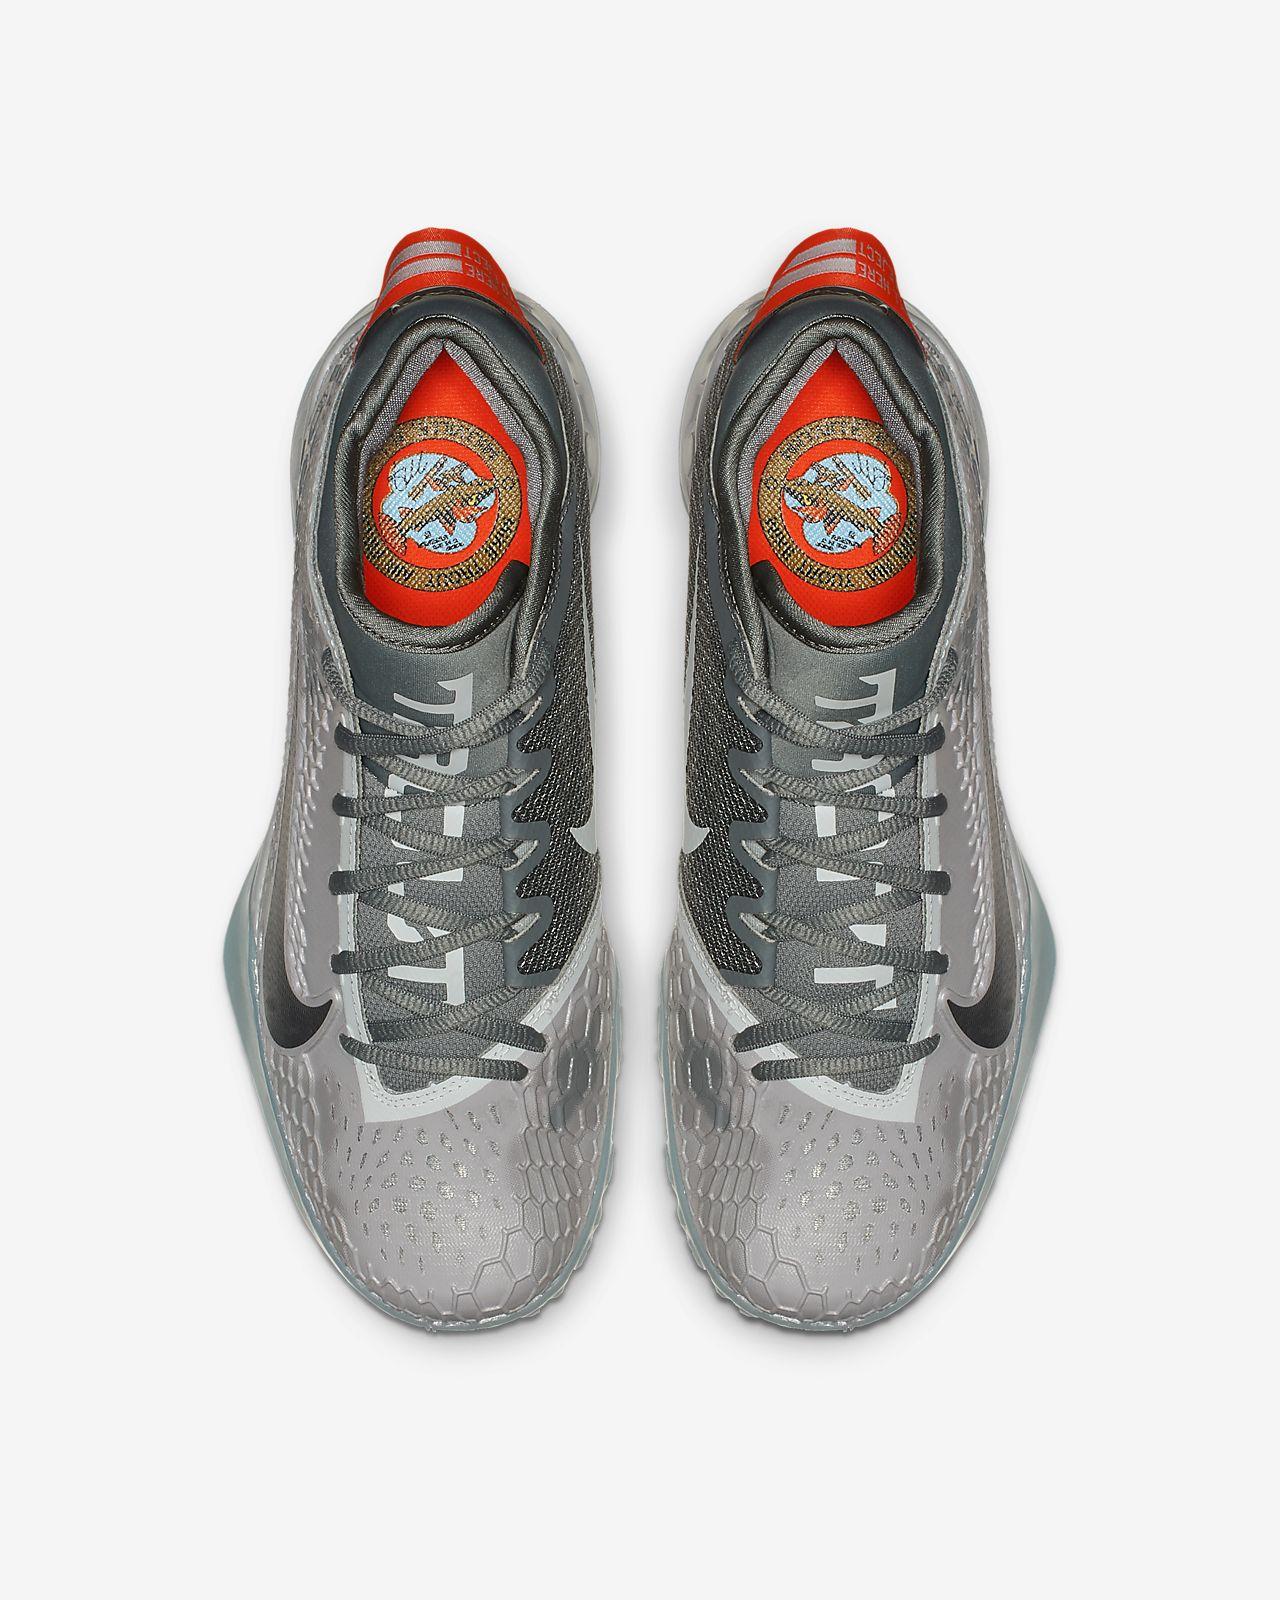 6092d5a7e Nike Force Zoom Trout 5 Turf MIV Men s Baseball Shoe. Nike.com